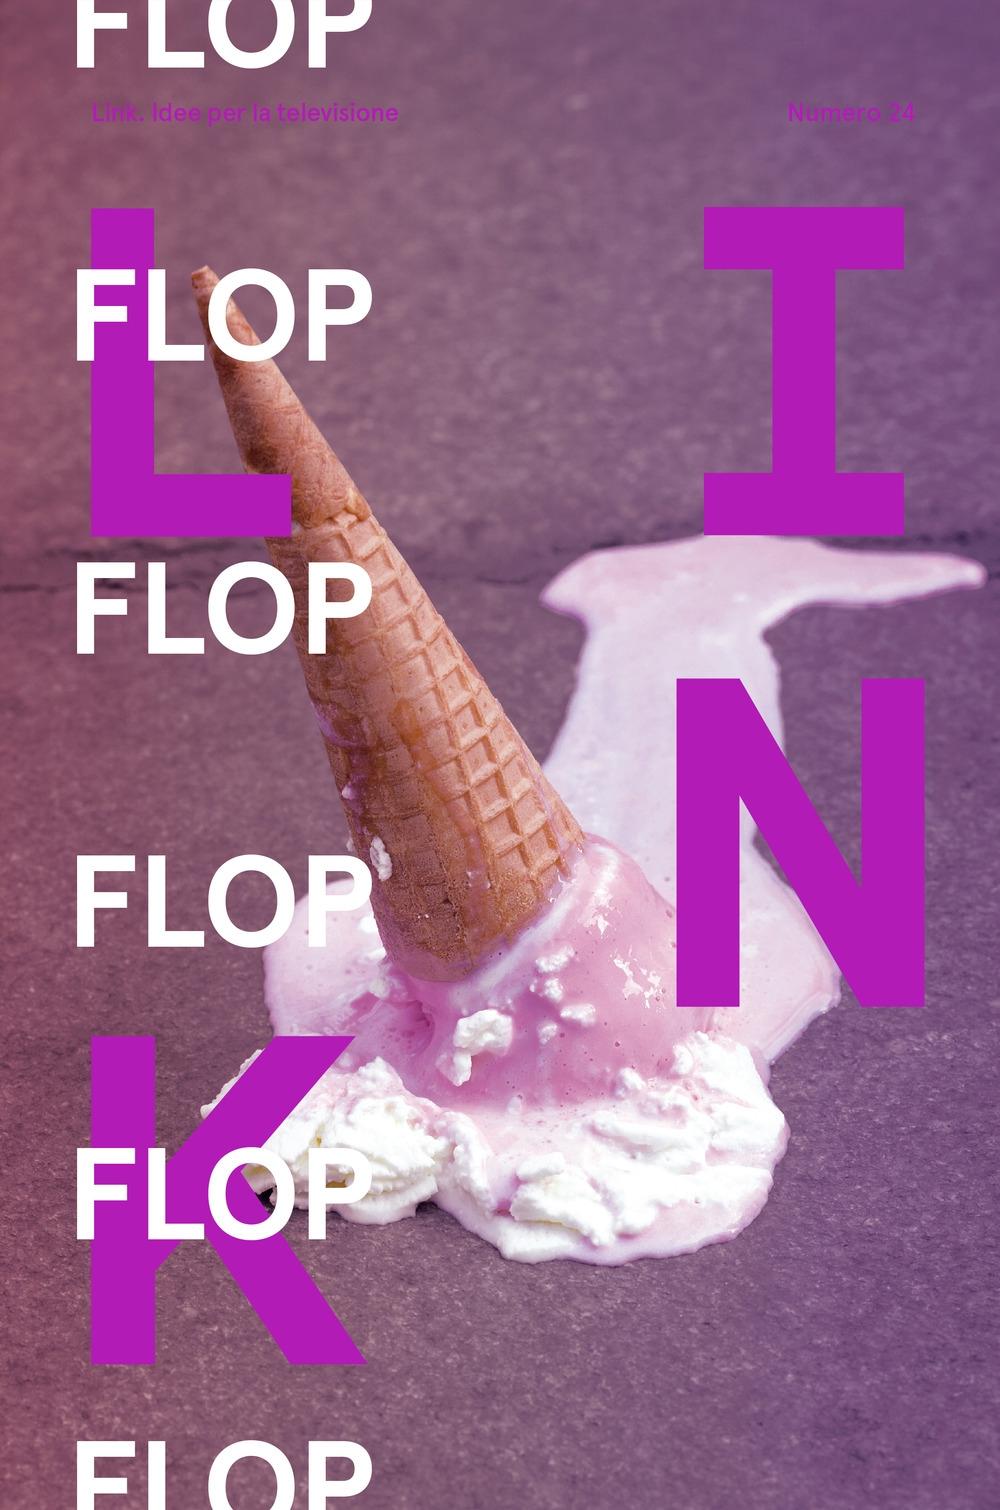 Link. Idee per la televisione. Vol. 24: Flop. Il fallimento nell'industria creativa